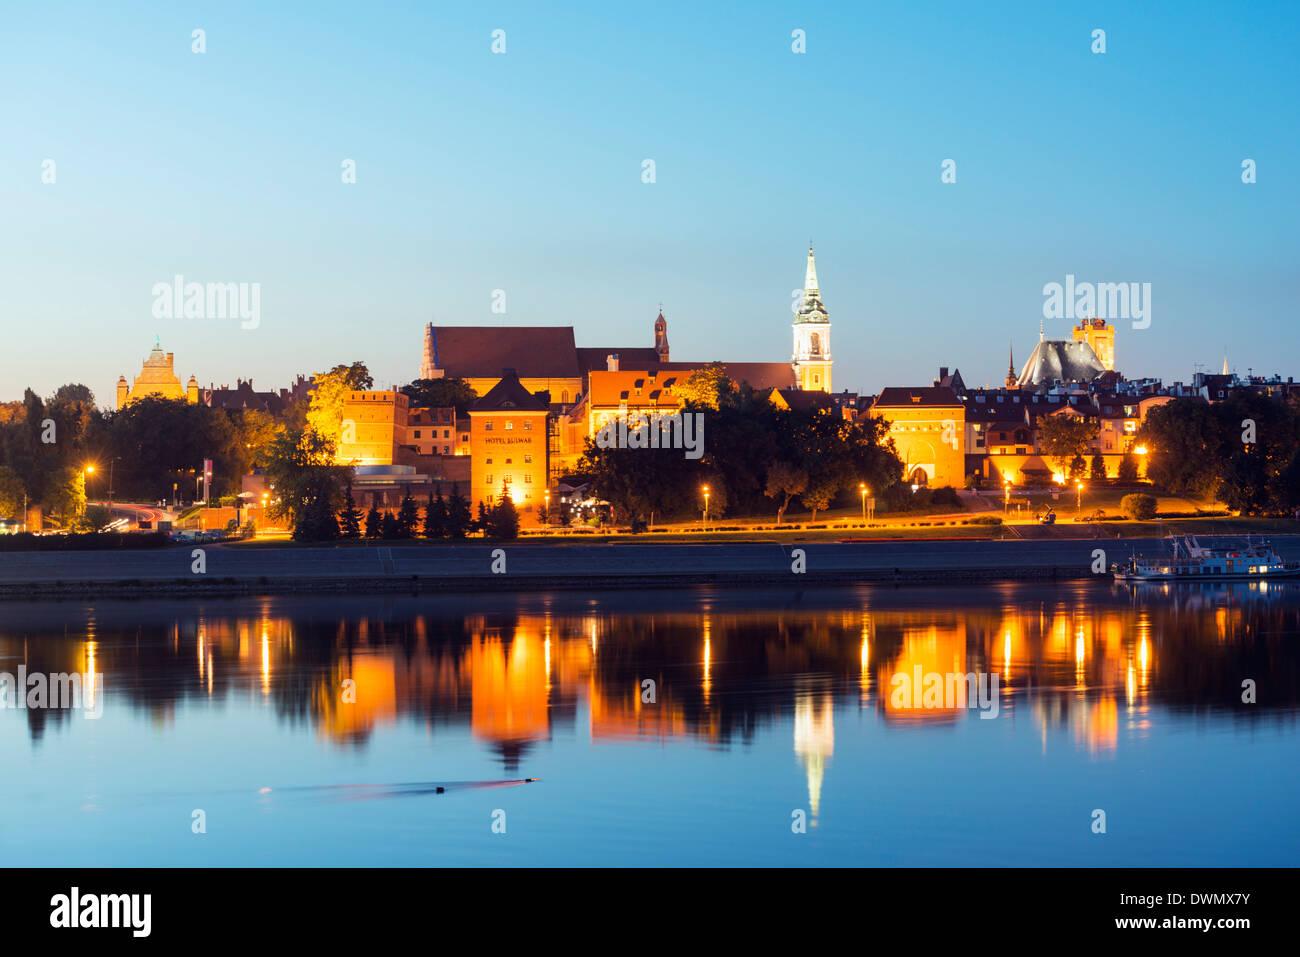 Europa, Polen, Gdansk und Pommern, Torun, mittelalterliche Altstadt Unesco, Weichsel Stockbild